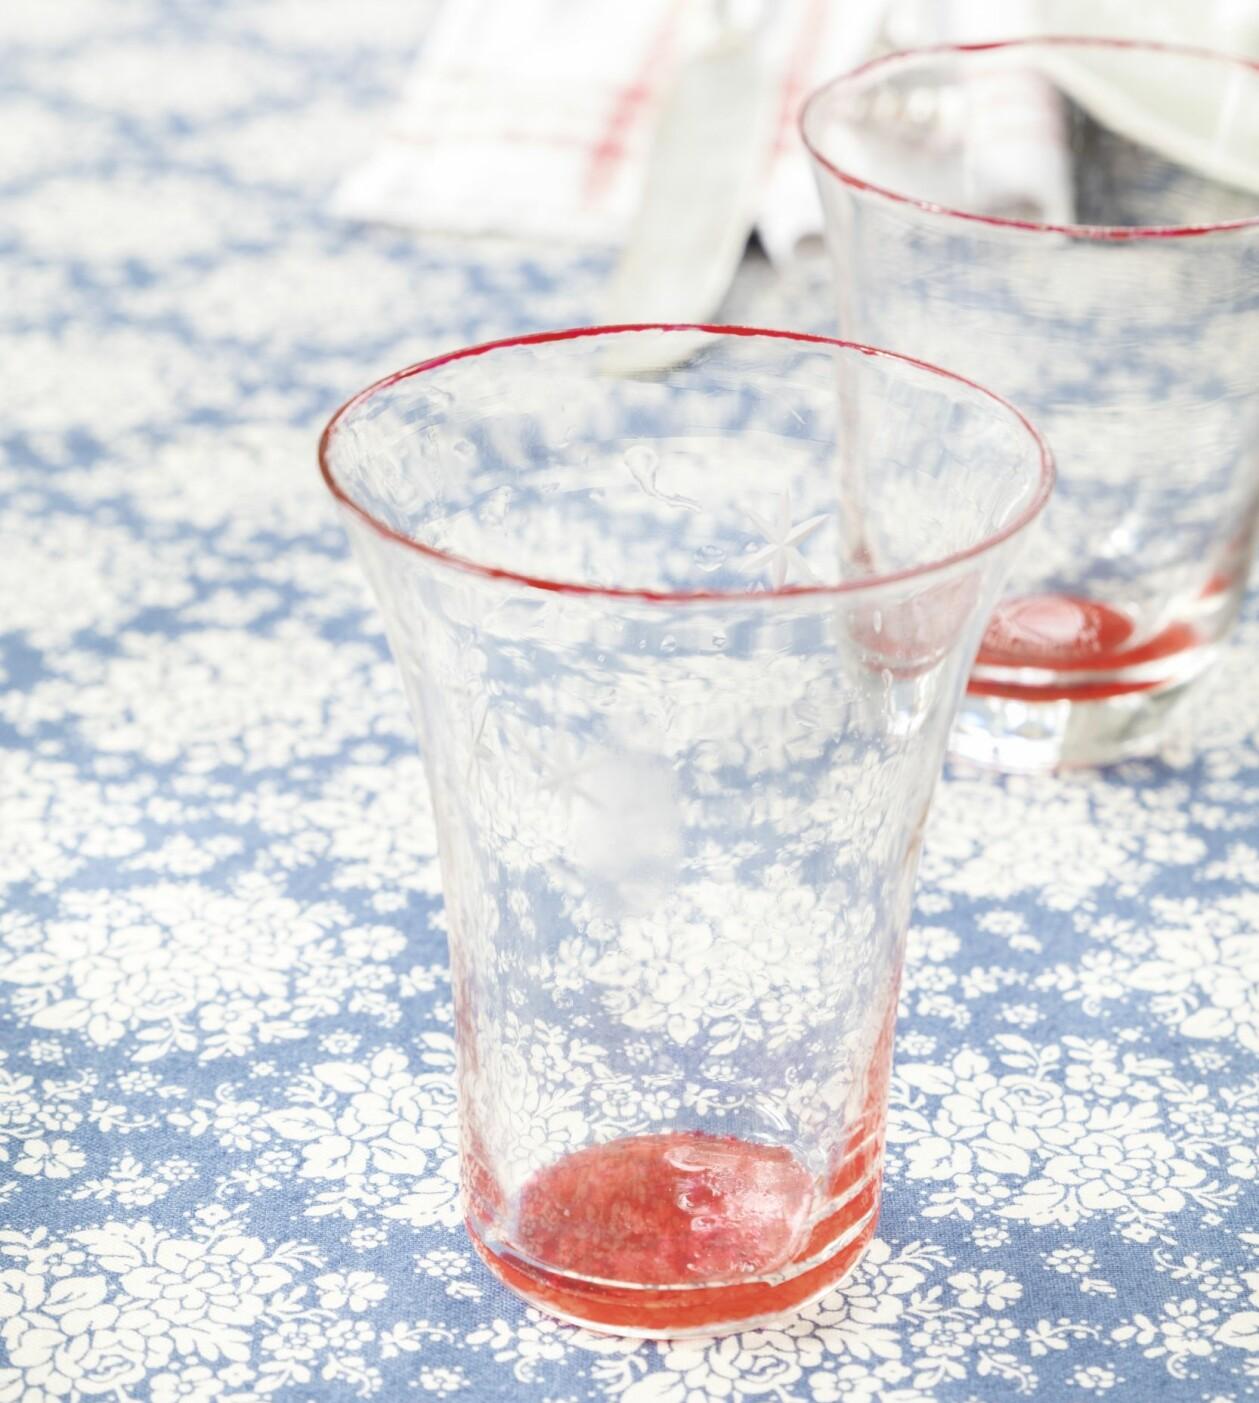 Glas med rödmålad botten och ovankant